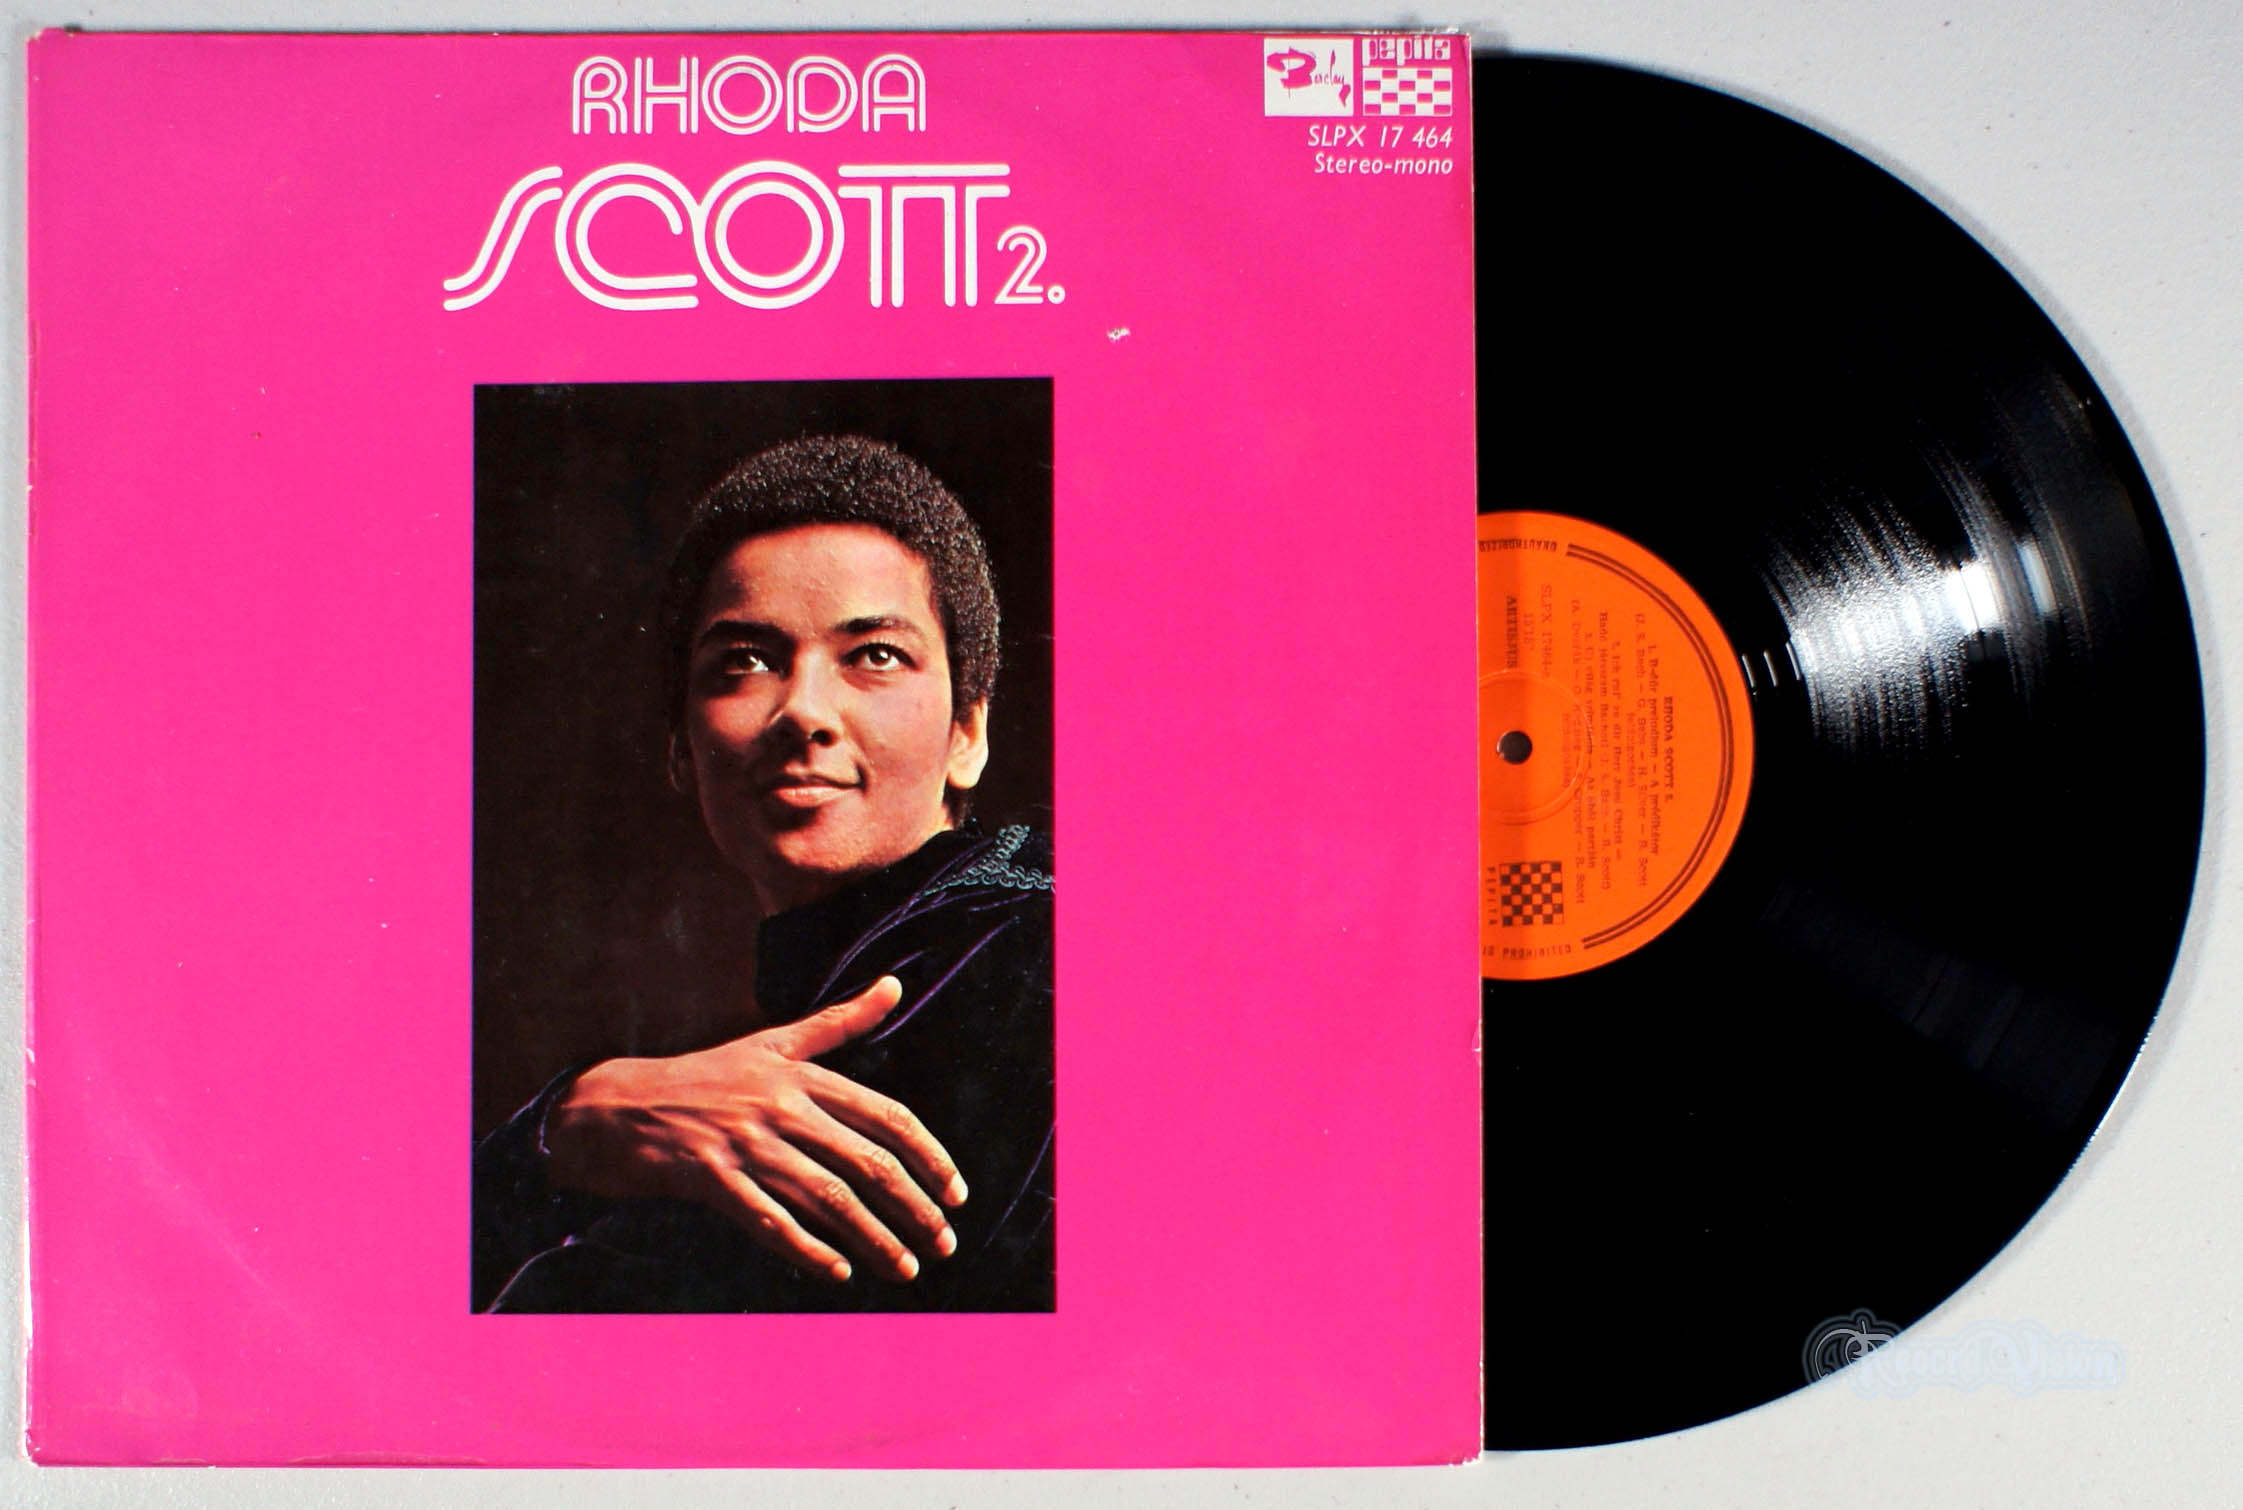 RHODA SCOTT - Rhoda Scott II - 33T